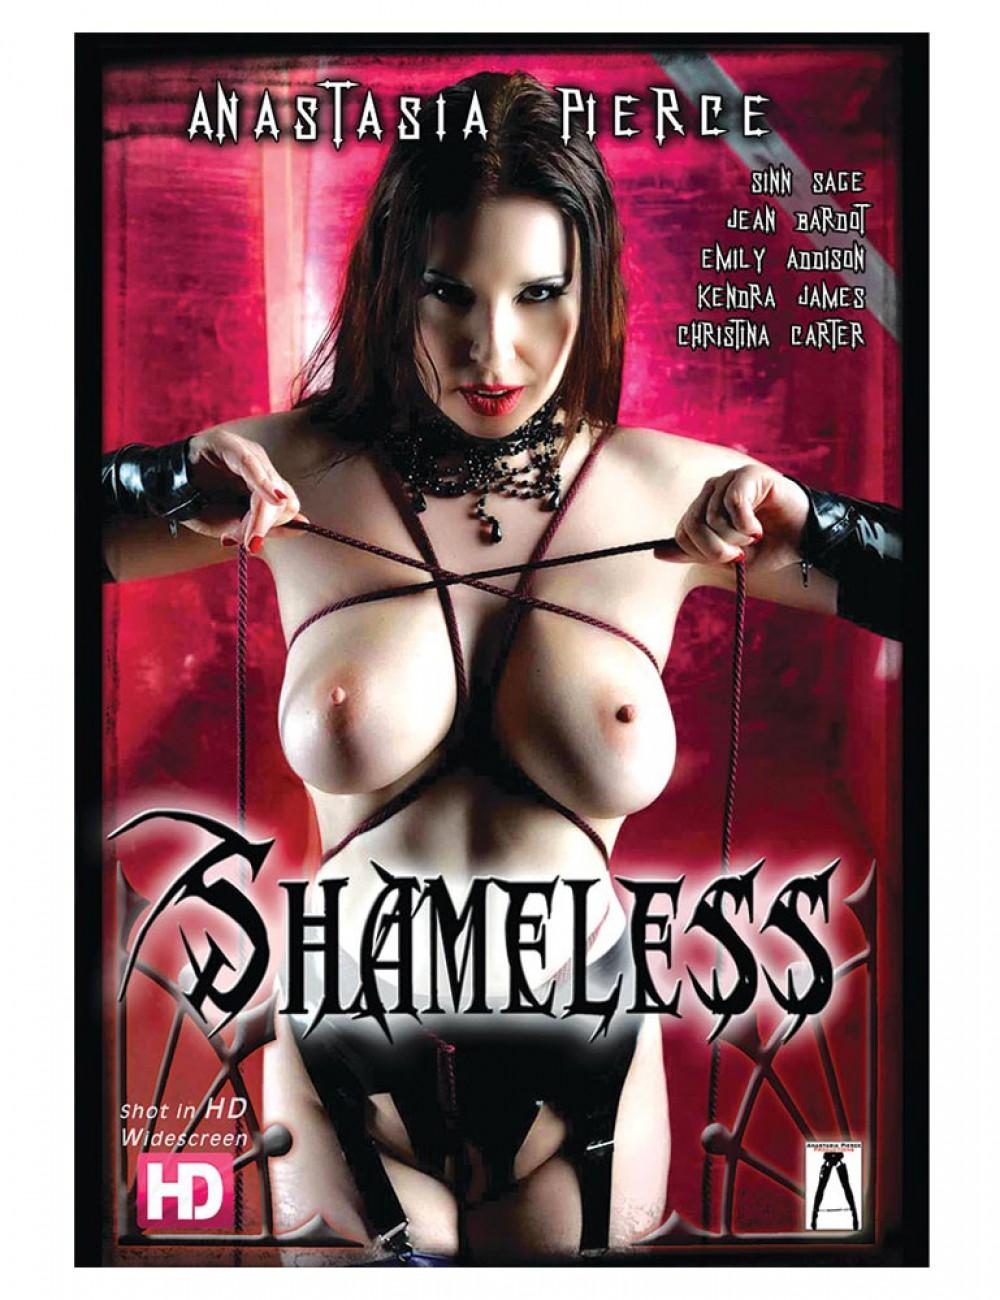 Anastasia Pierce in Shameless